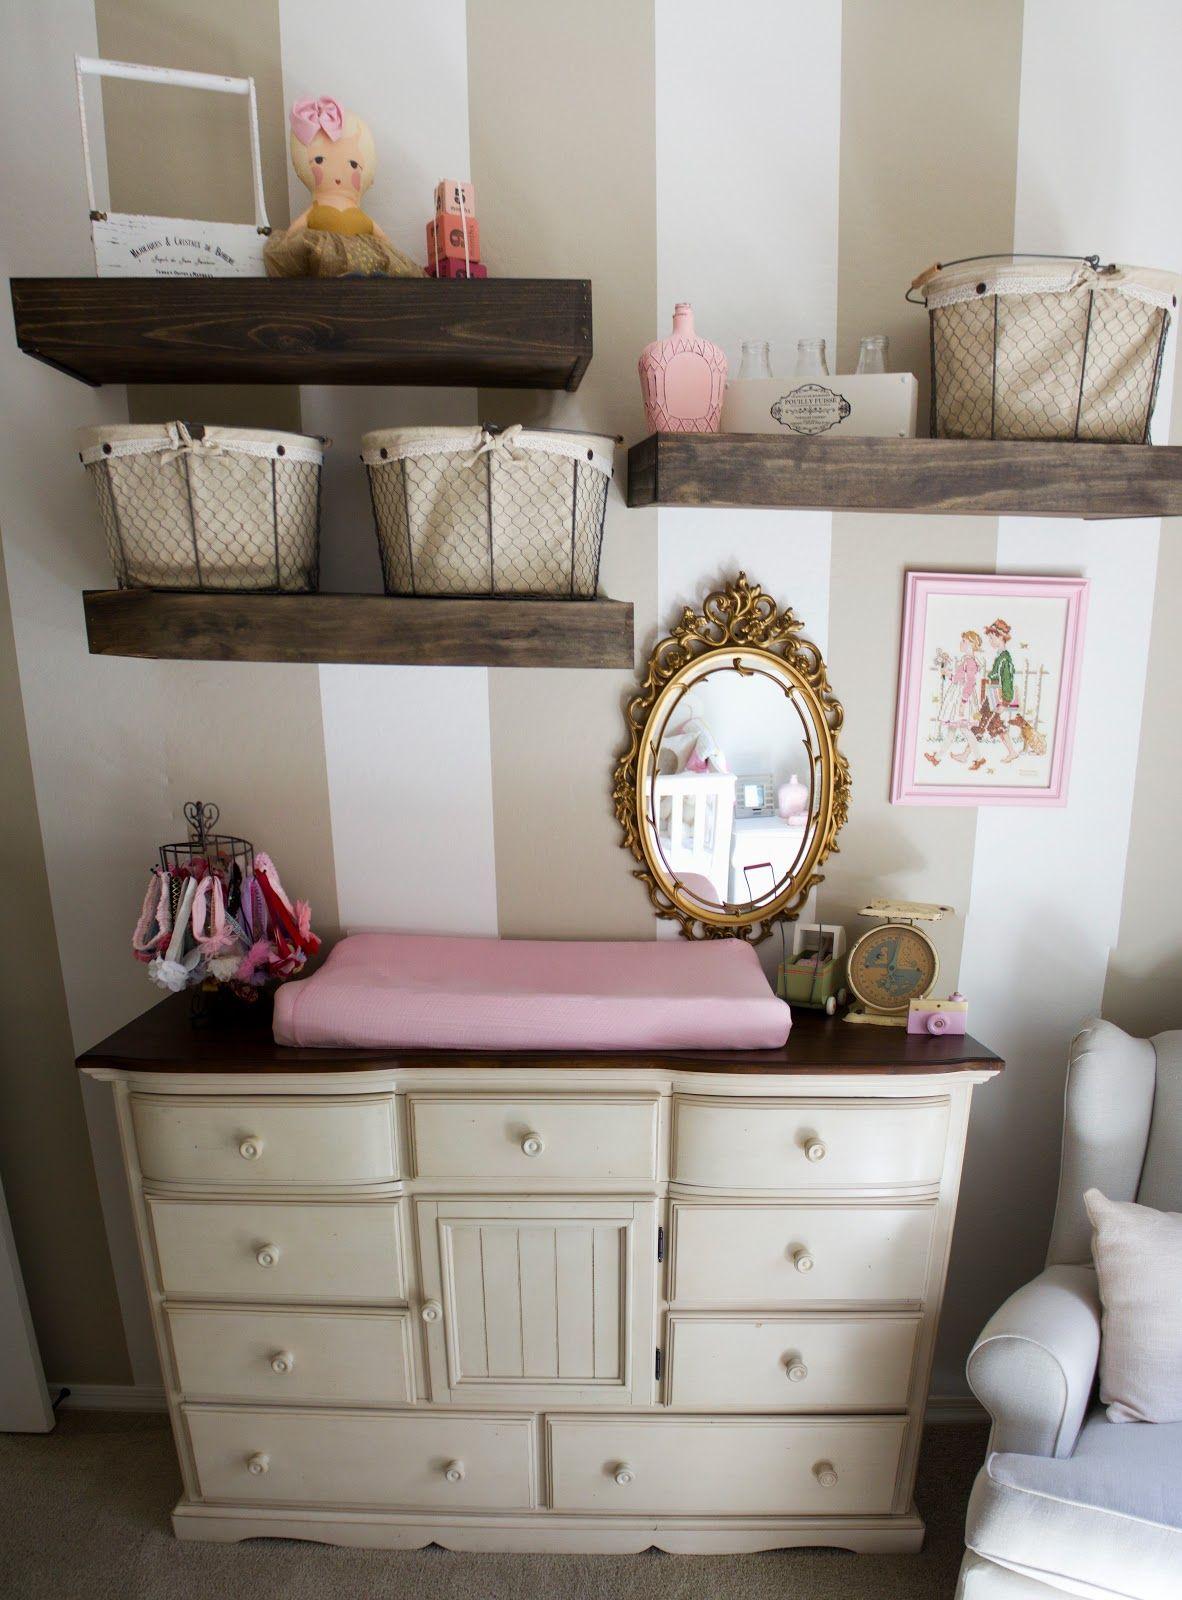 Baby Boy Room Wall Ideas: Life In Hearts: Anderson's Nursery!